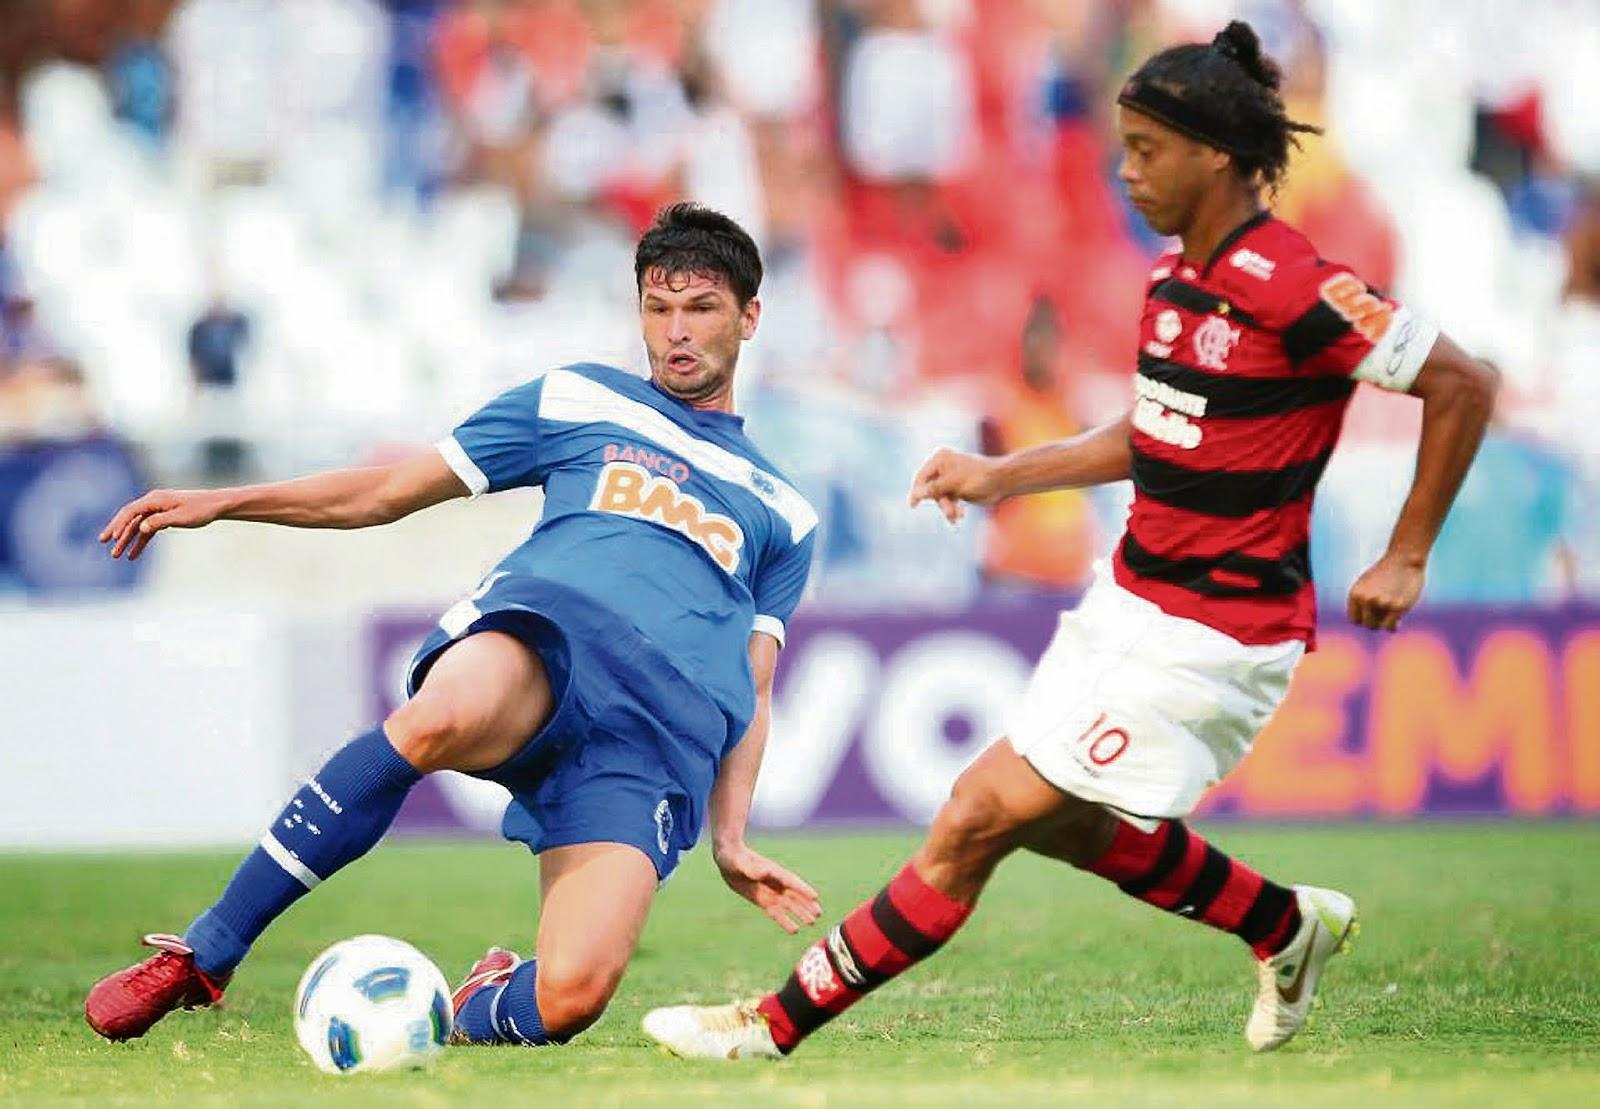 4ac5b3f303 Cribari em 2011 quando atuava pelo Cruzeiro em Minas Gerais no Campeonato  Brasileiro - Foto  Arquivo Pessoal